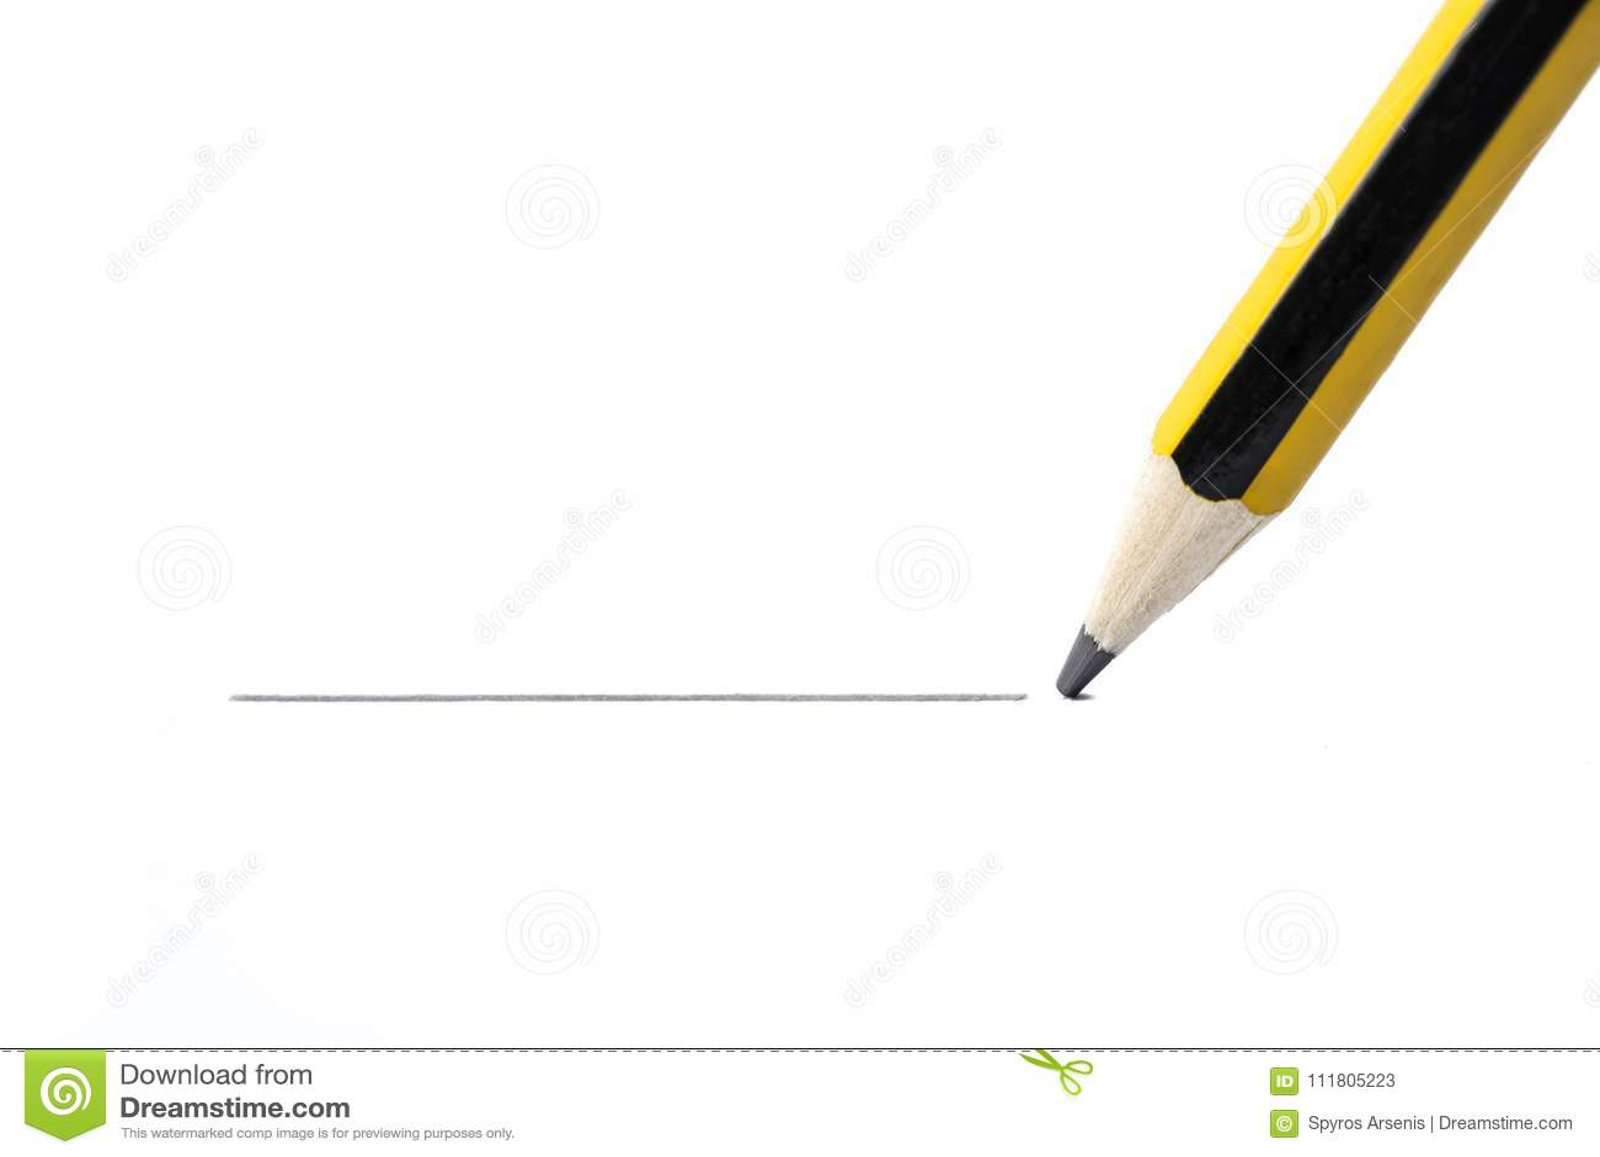 铅笔图一条直线,隔绝在白色背景